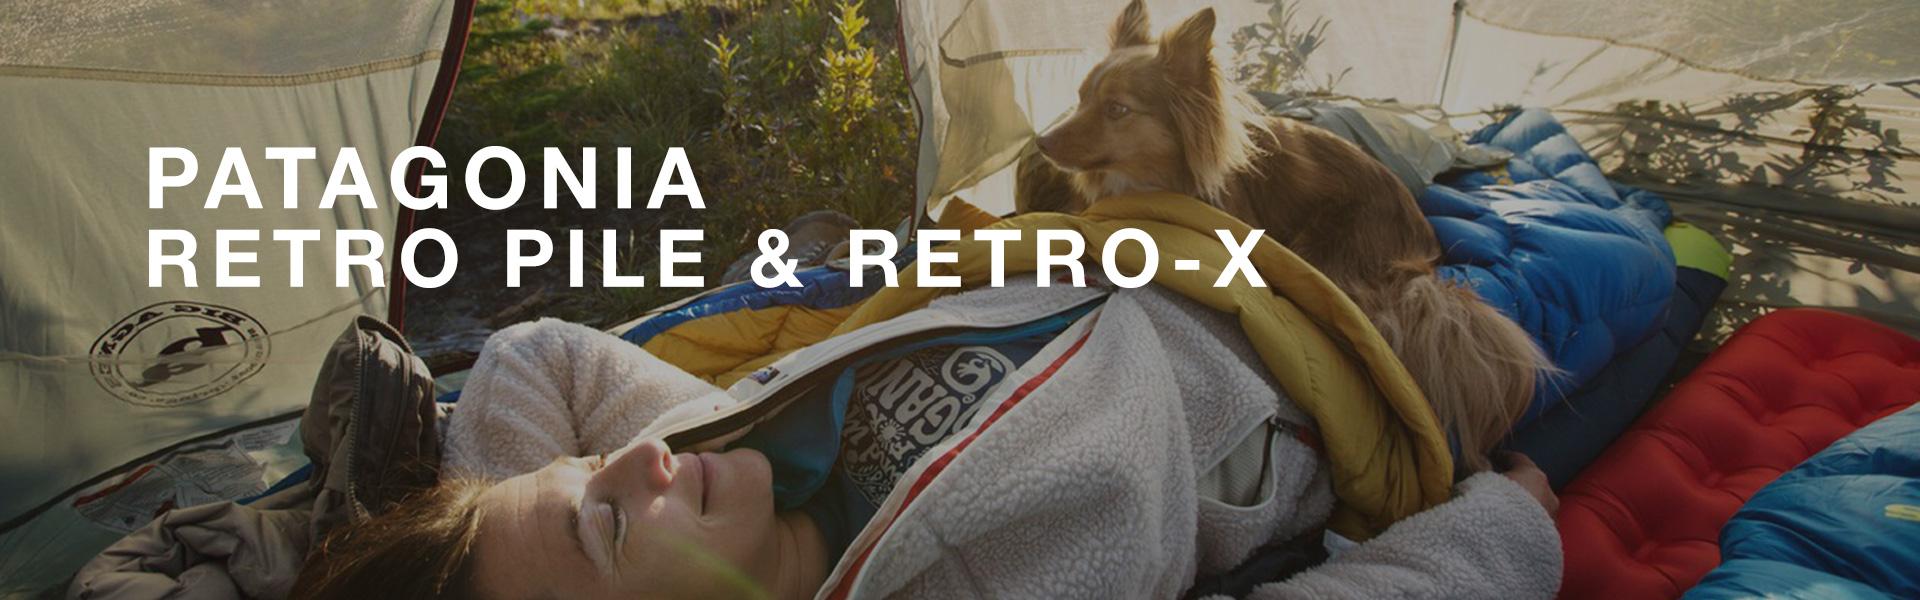 Patagonia Retro Pile und Retro-X